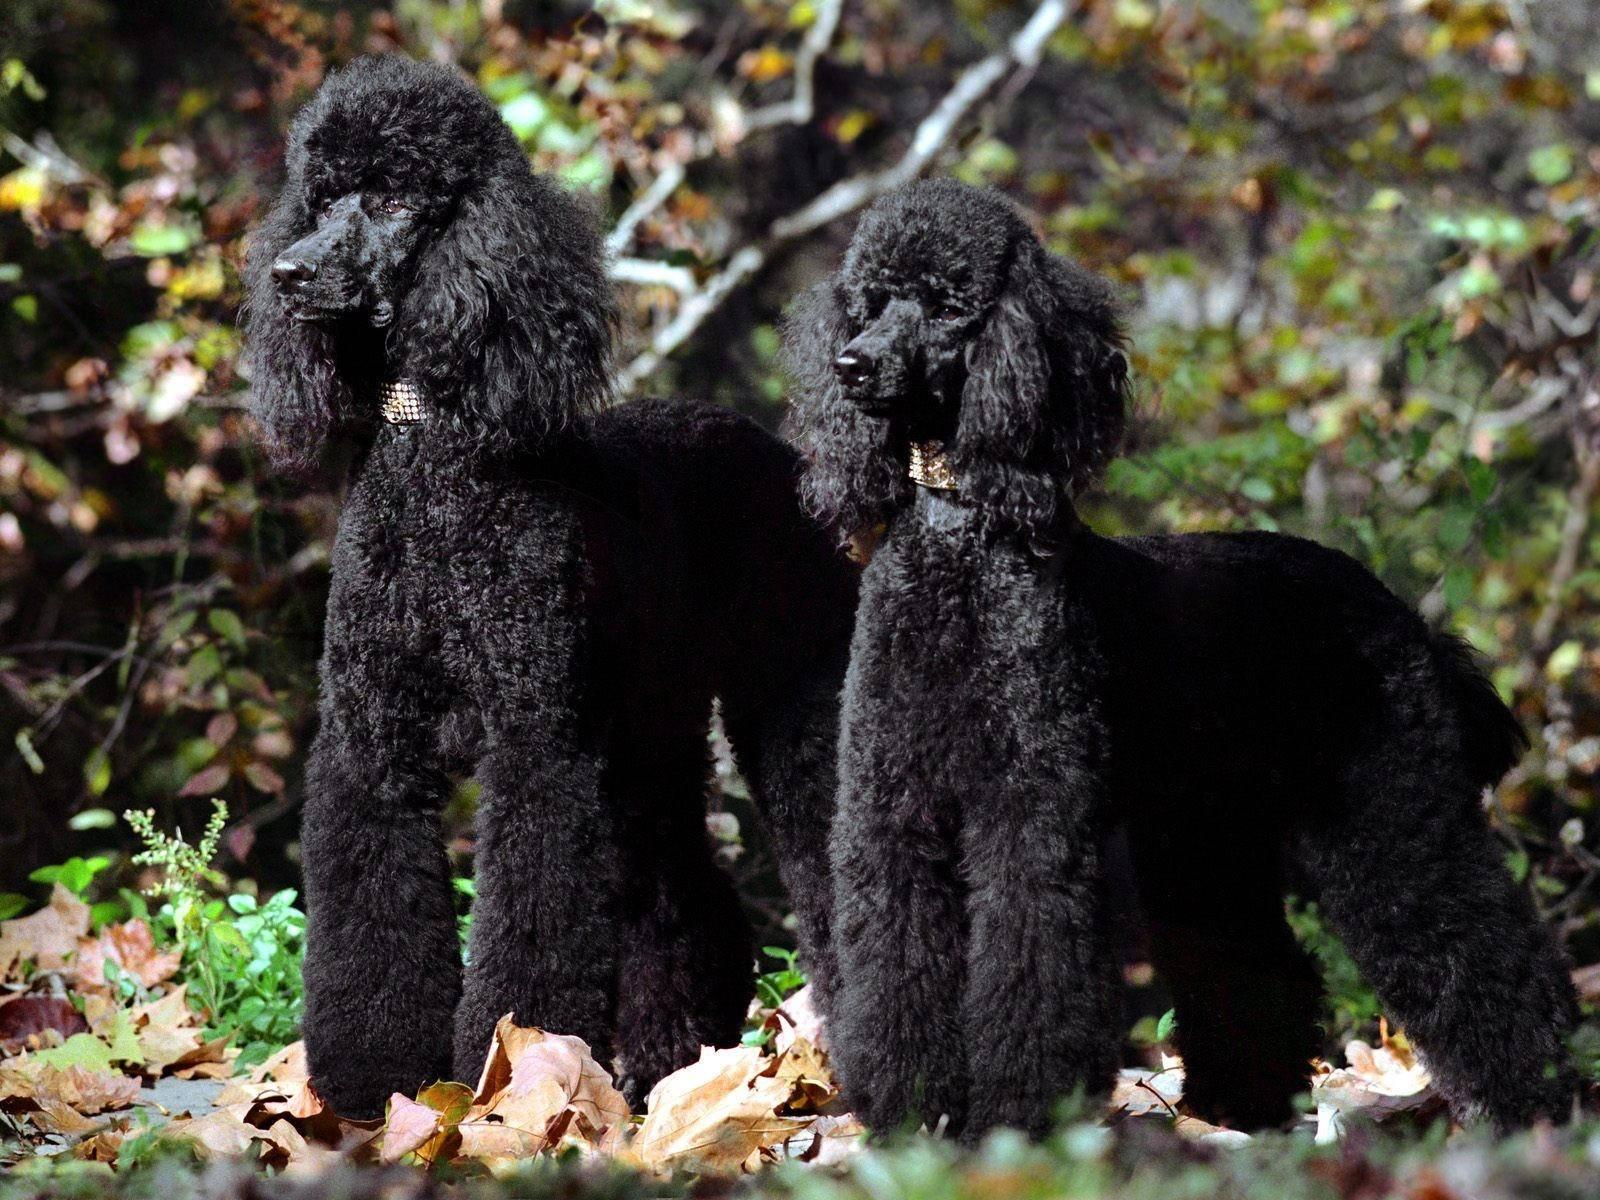 Карликовый пудель (62 фото): плюсы и минусы породы, описание характера мини-пуделей. сколько лет живут миниатюрные собаки? отзывы владельцев